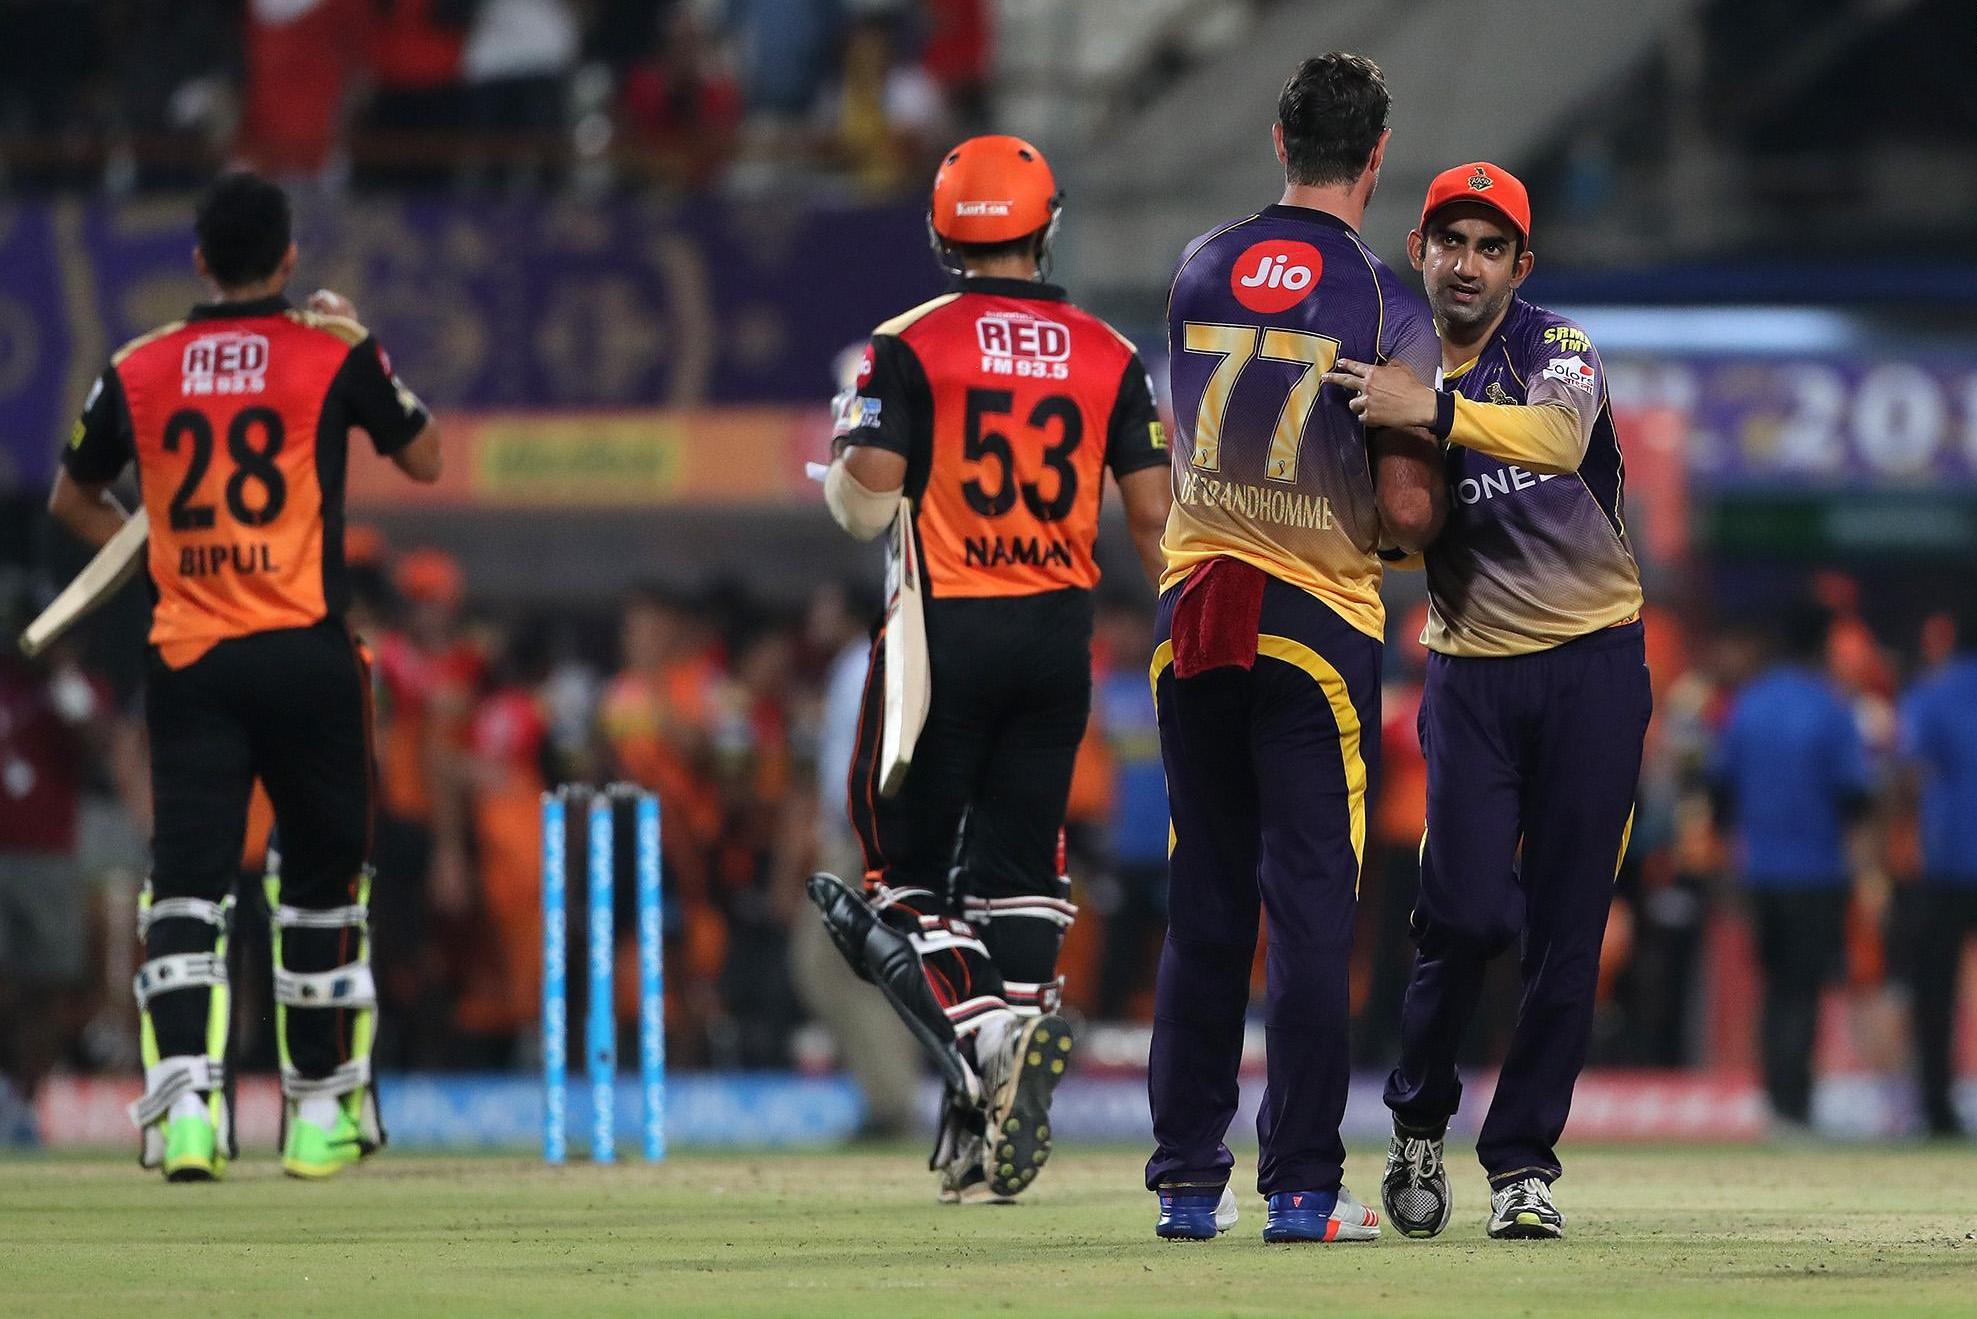 विडियो : जब युवराज का विकेट लेने के लिए गौतम गंभीर बने अंपायर 1